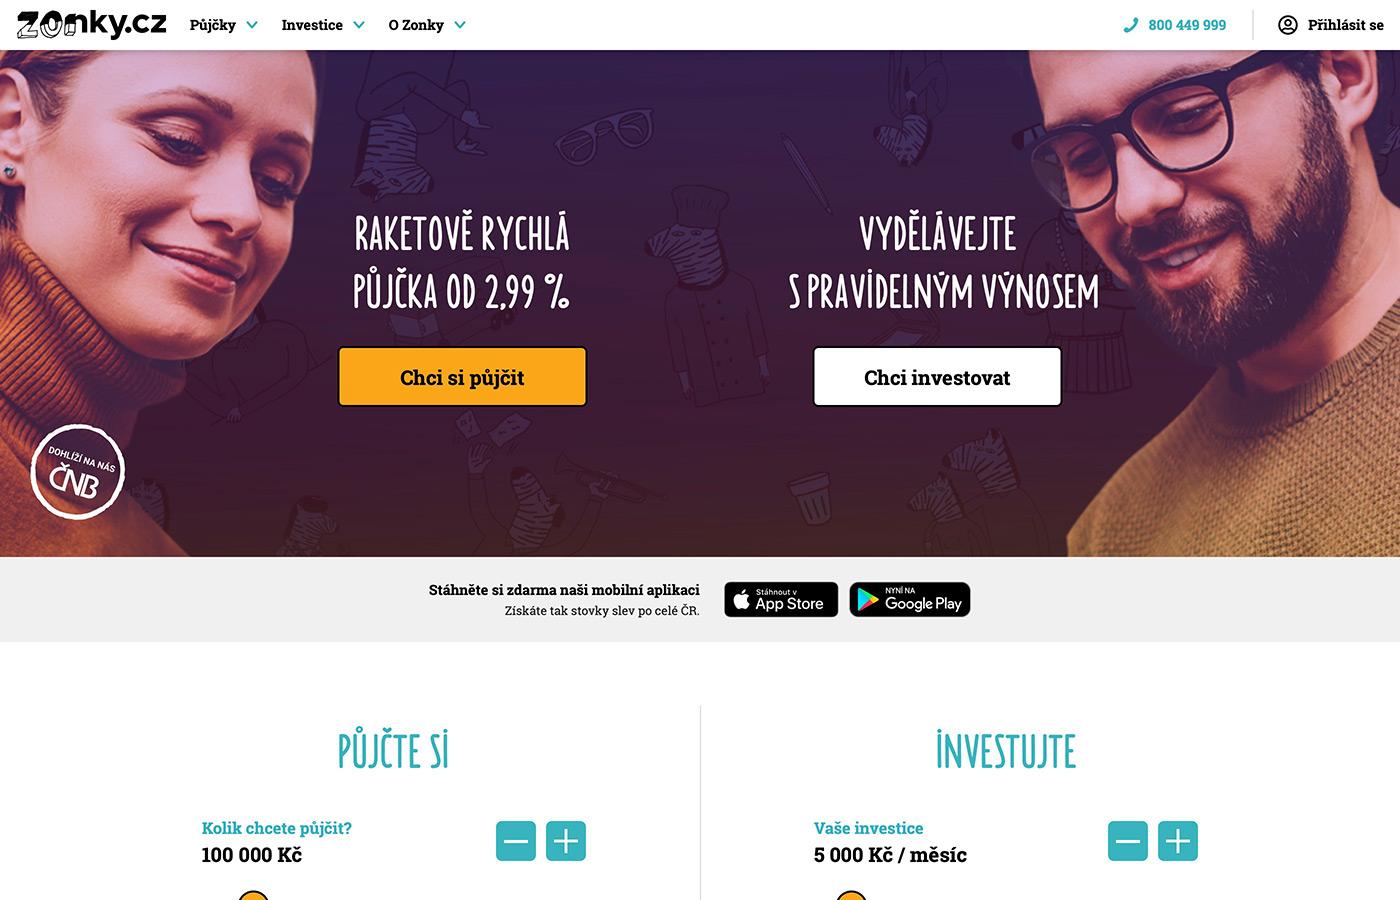 Náhled webu https://www.zonky.cz